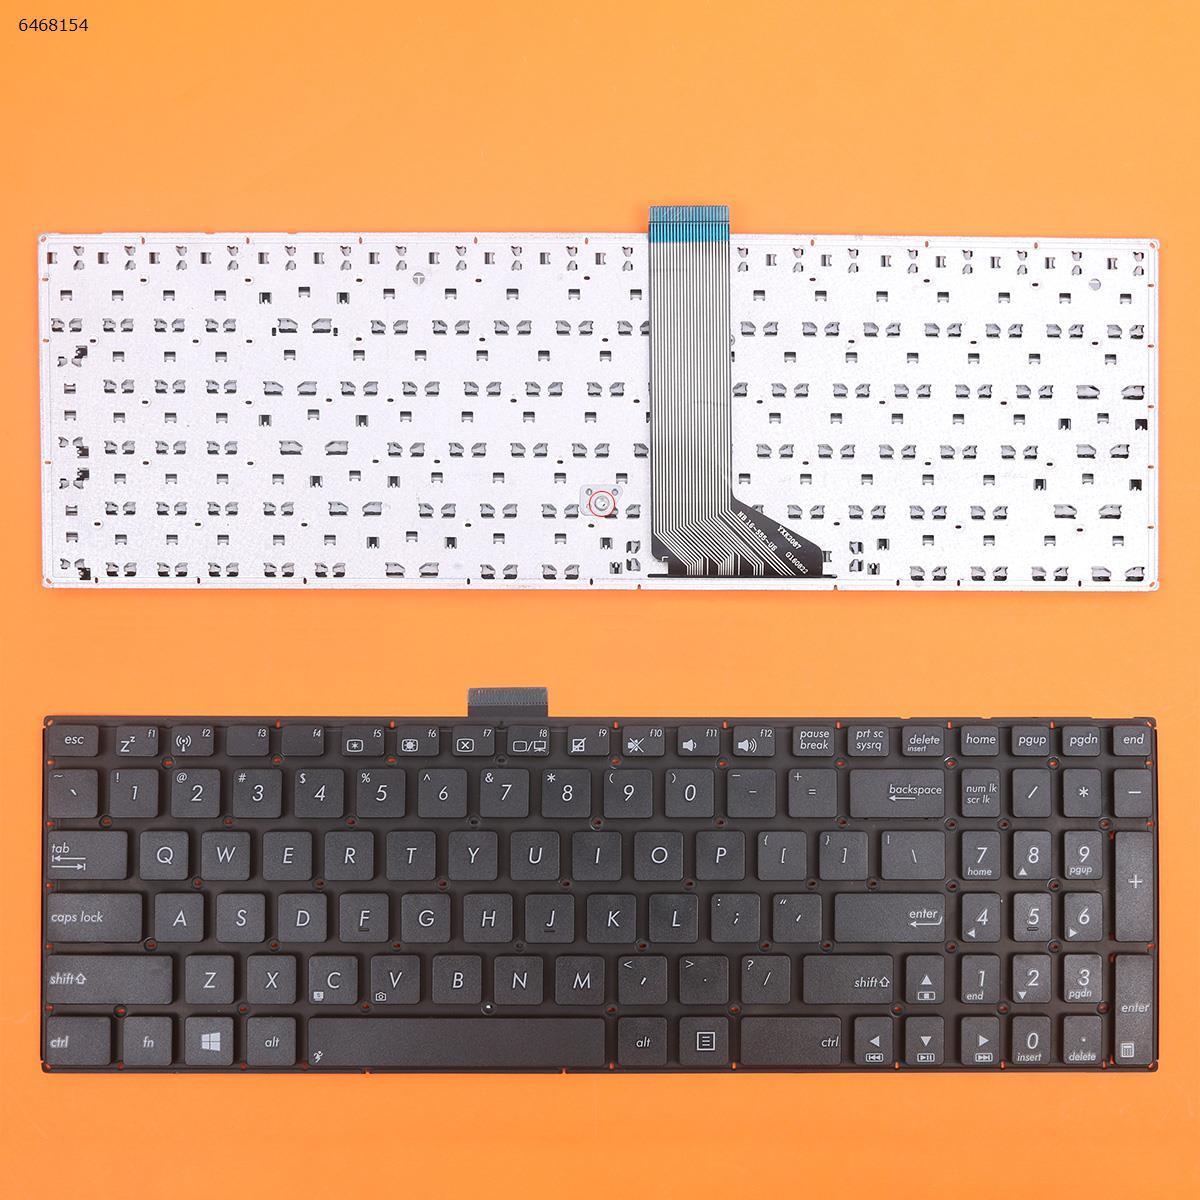 NOVO Inglês Laptop teclado PARA Genuine Teclado New Black US Keyboard ASUS X502 X502C X502CA X502EI X502X X502U US Laptop Repair